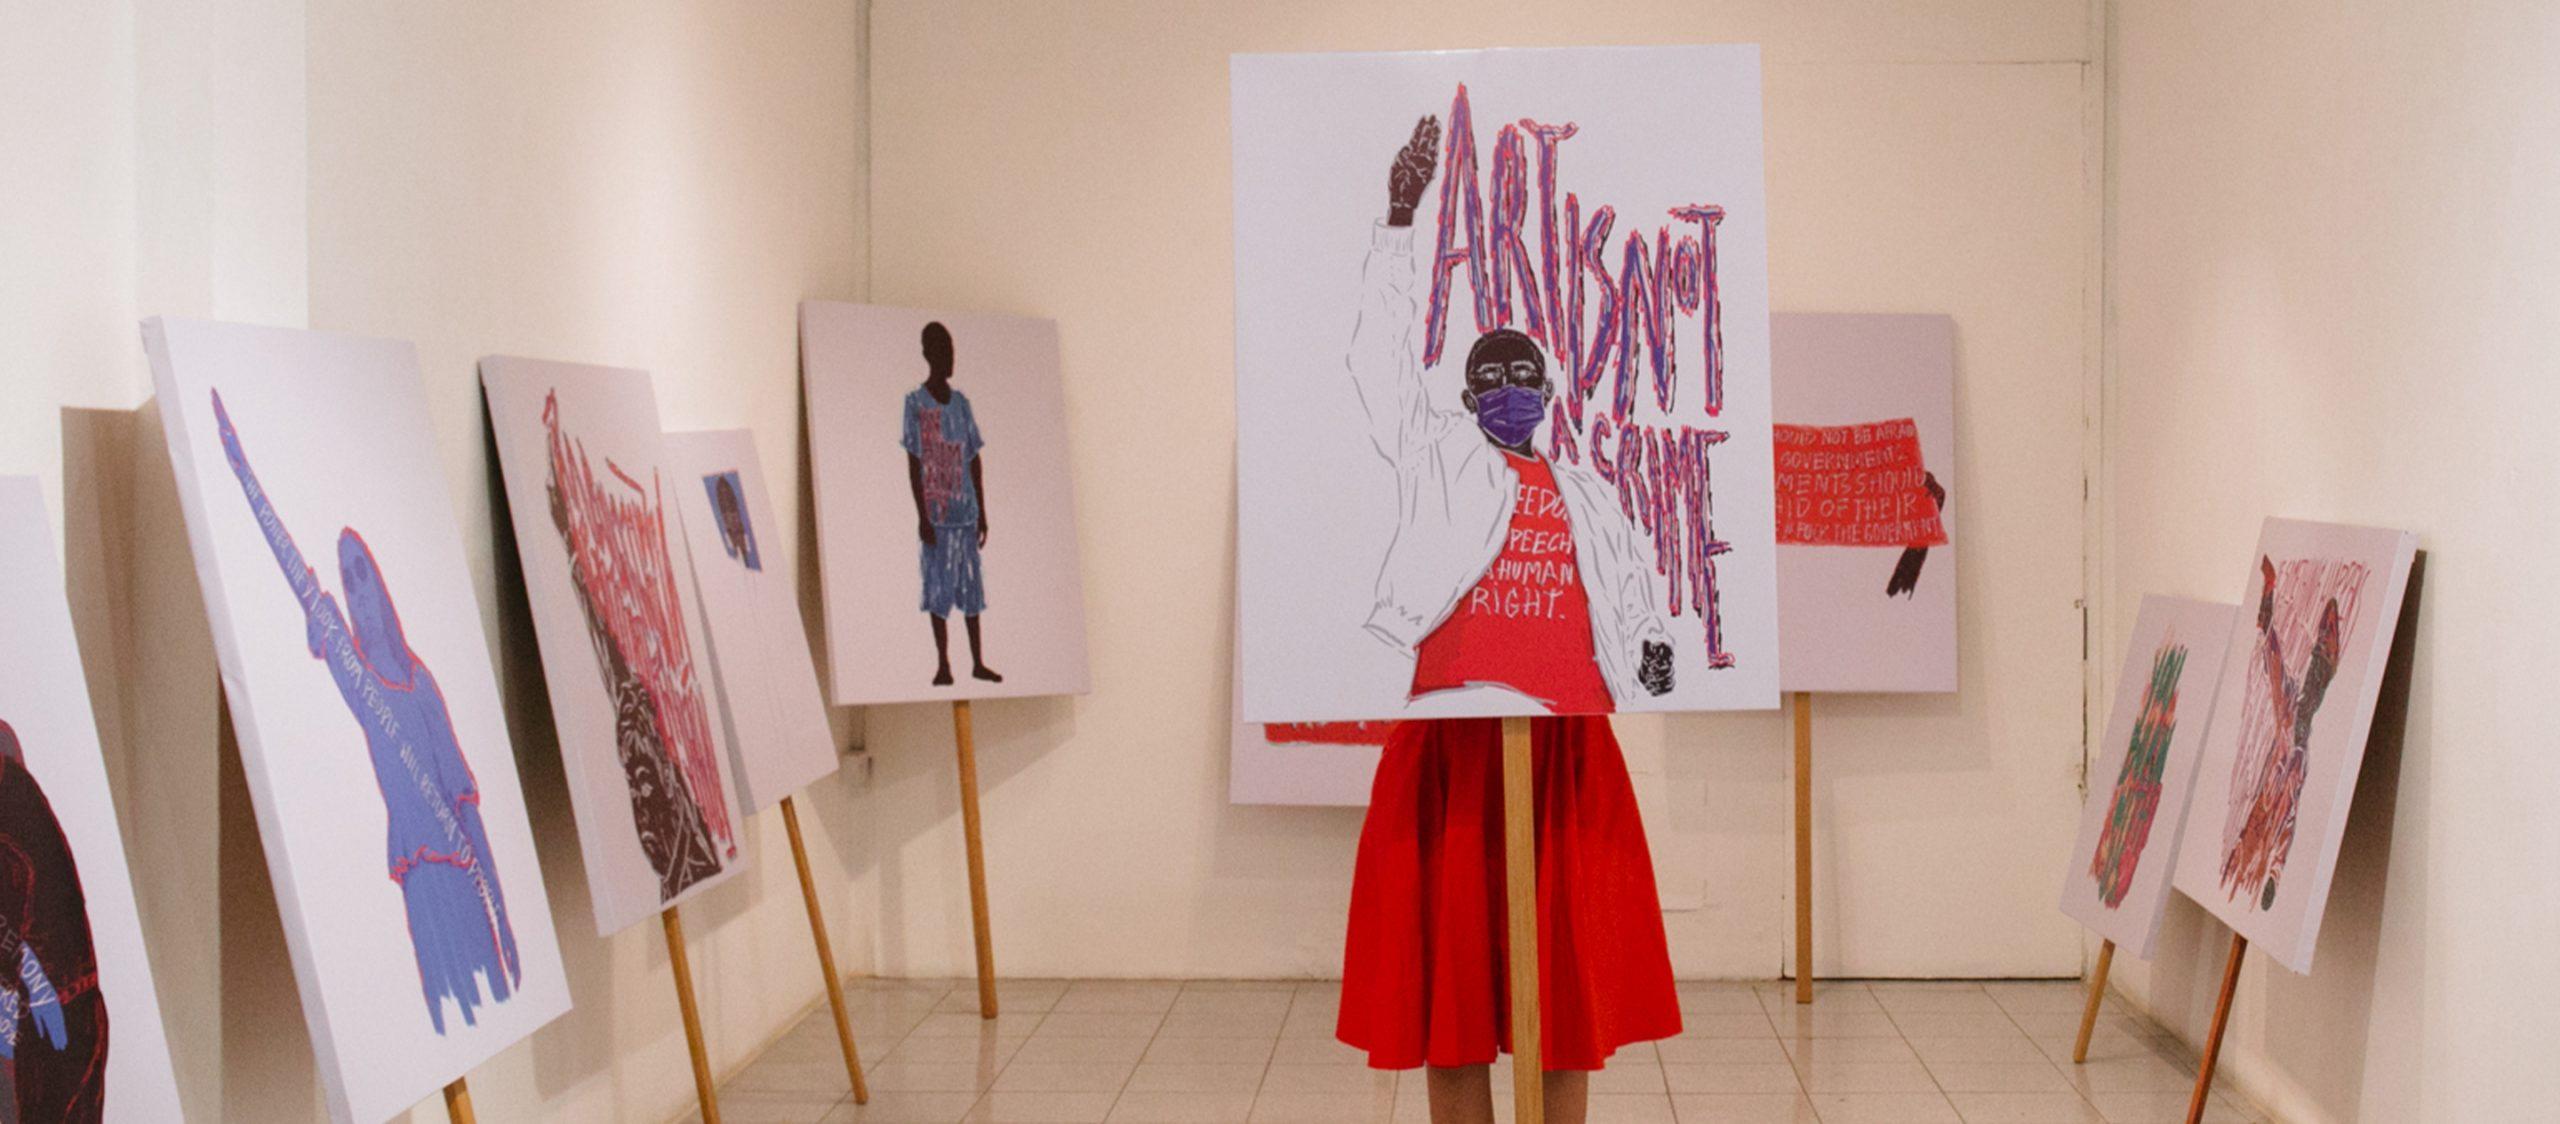 พื้นที่ศิลปะ พื้นที่แห่งการแสดงออก WTF Gallery and Cafe แกลเลอรีที่ใช้ศิลปะสะท้อนภาวะสังคม